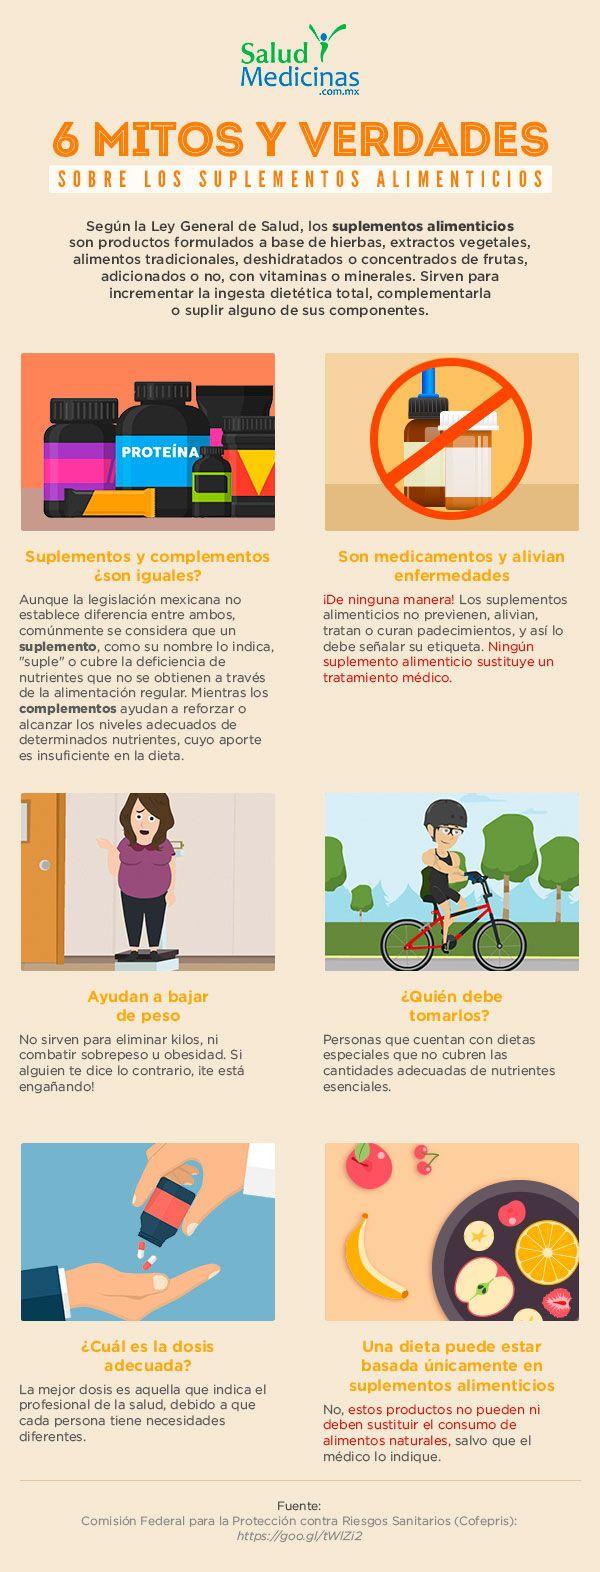 Mitos y verdades sobre los suplementos alimenticios